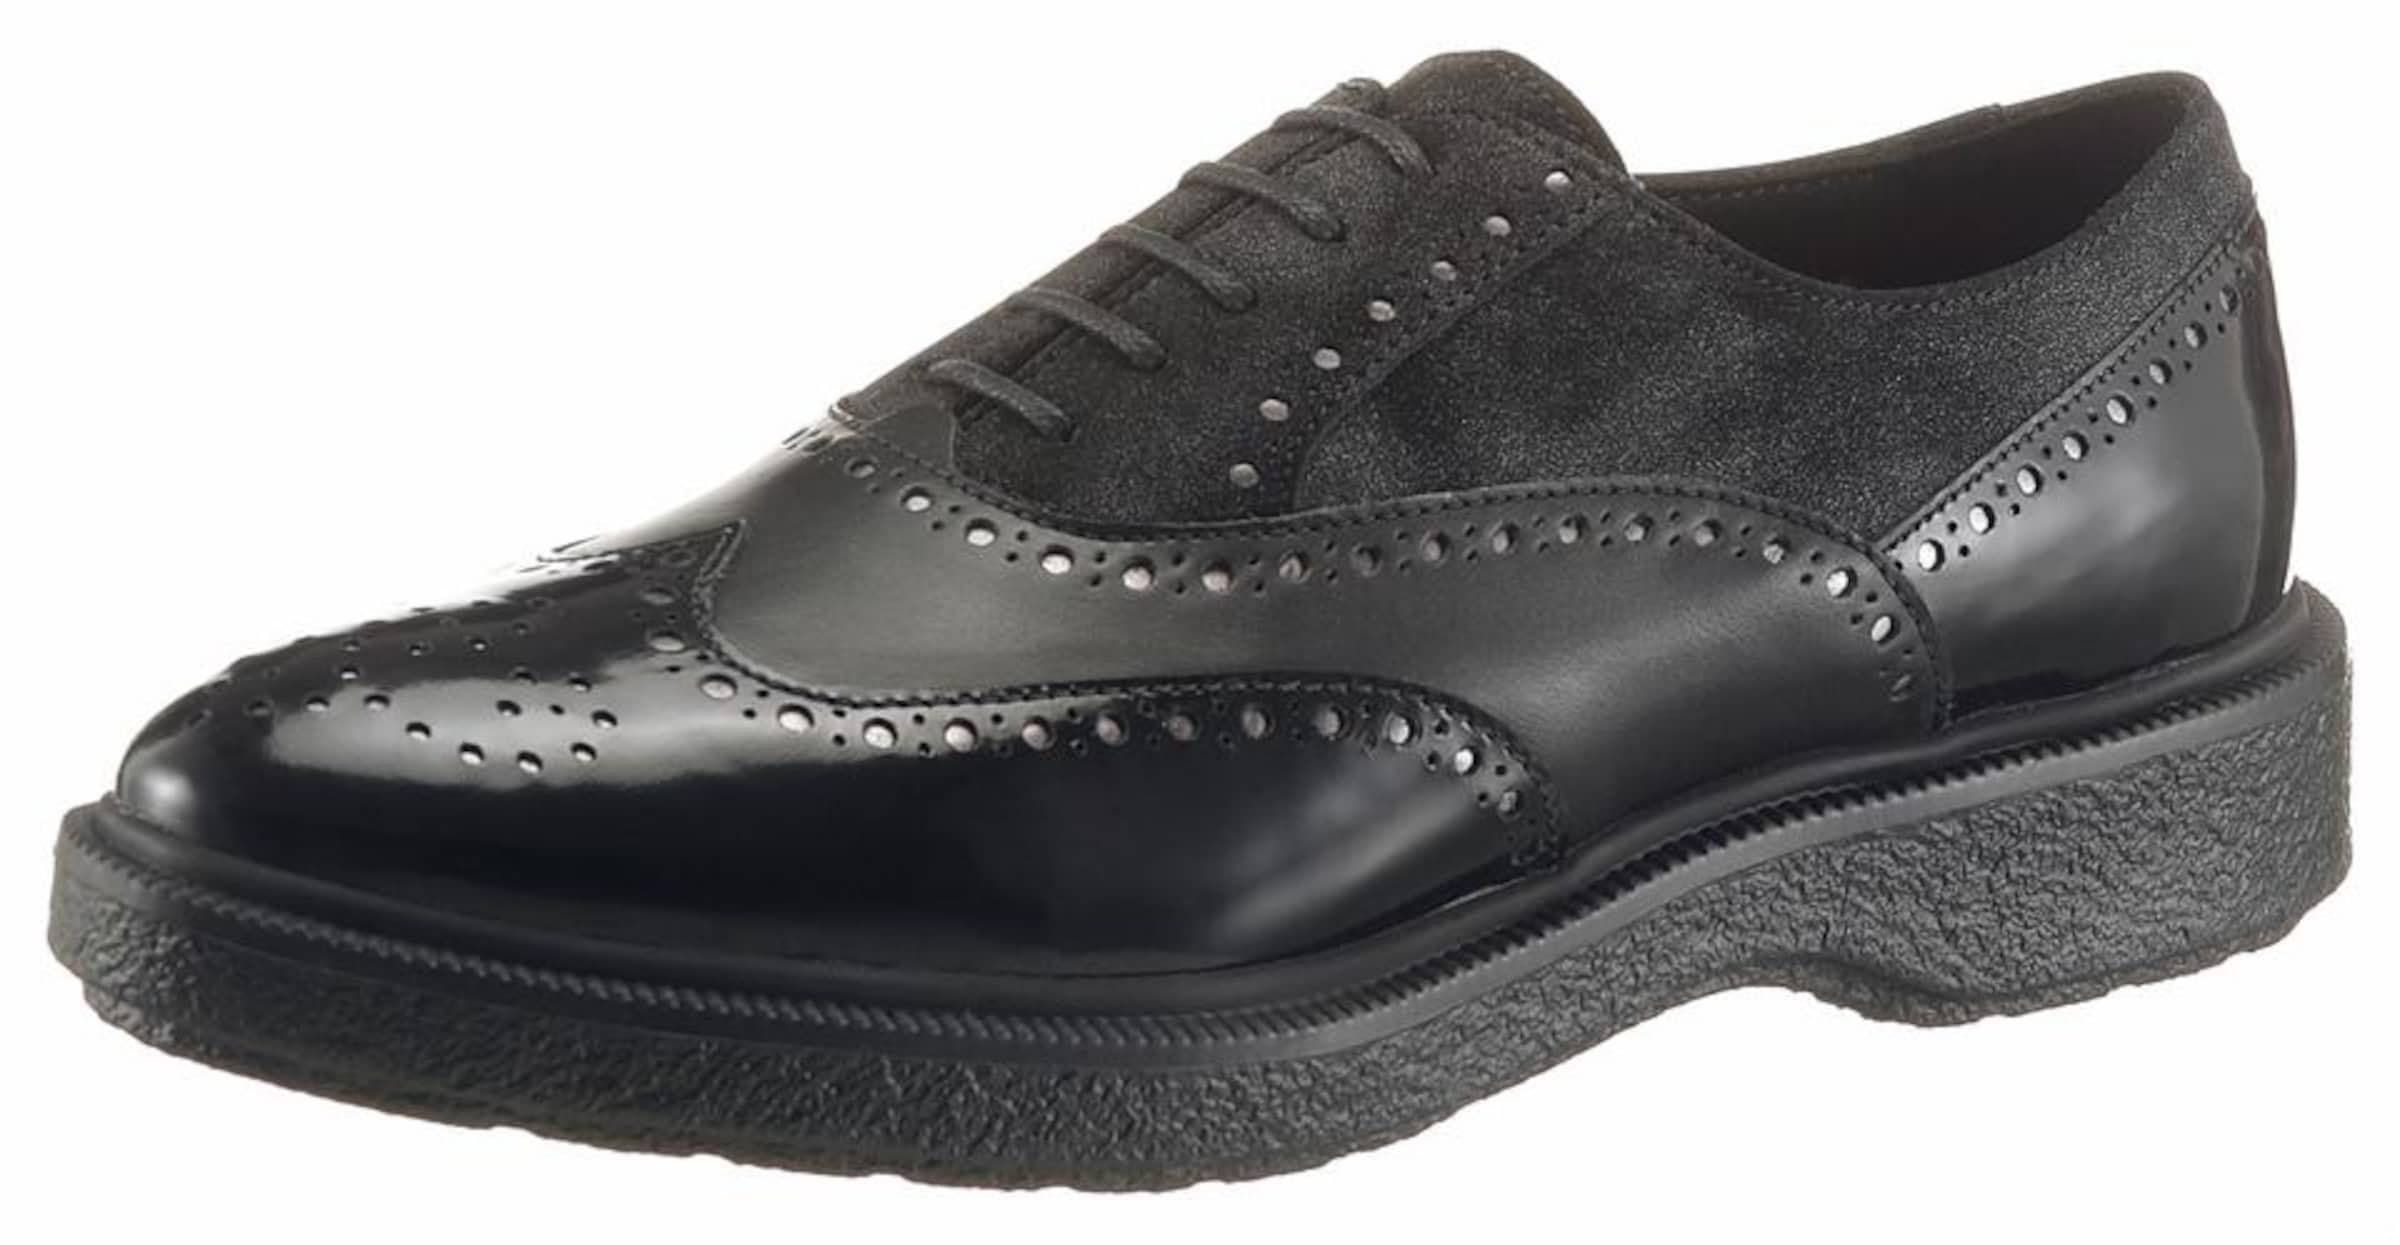 GEOX Schnürschuh Günstige und langlebige Schuhe